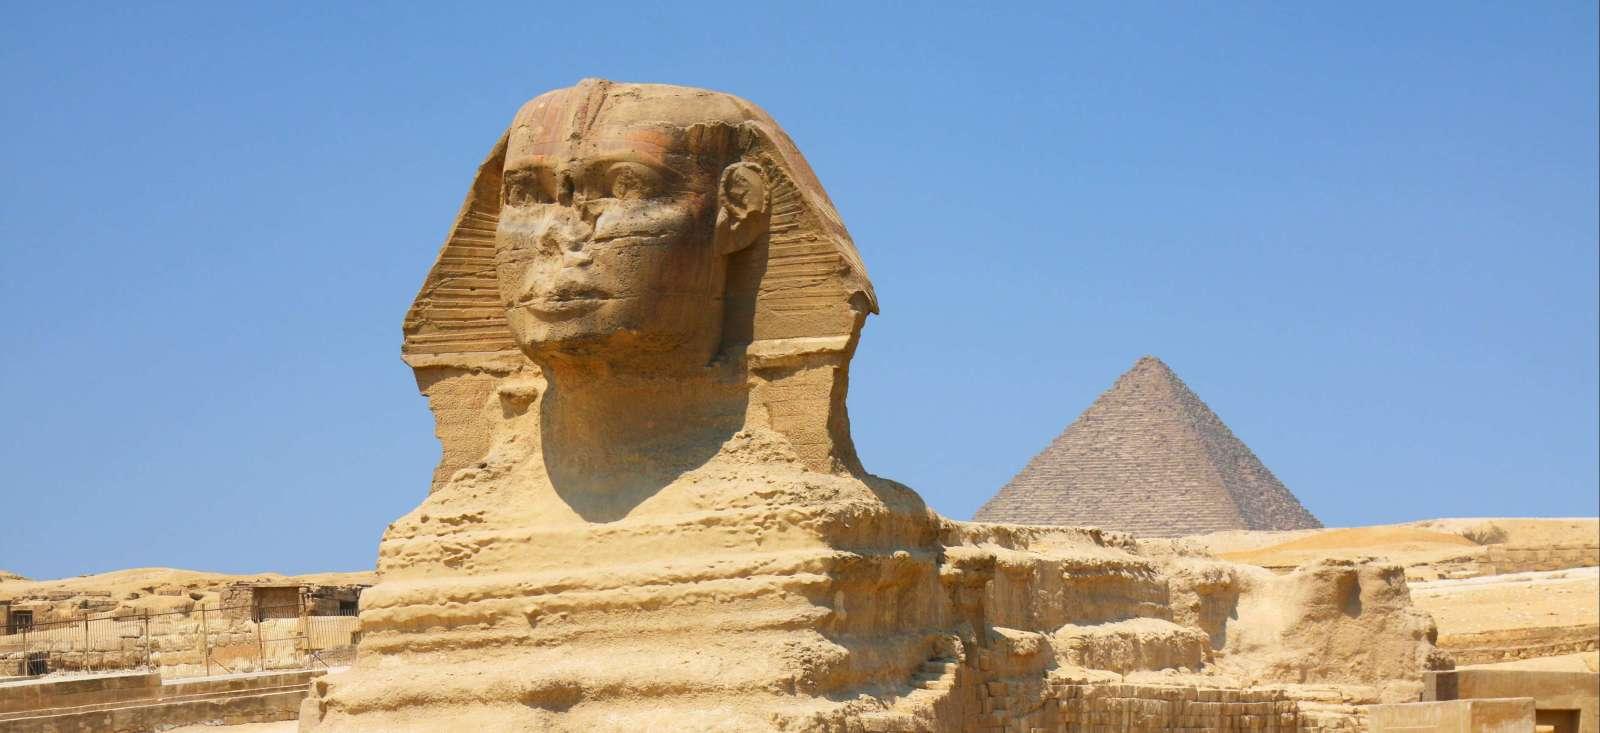 Voyage à pied : Pyramides, sphinx: voyage chez les pharaons!